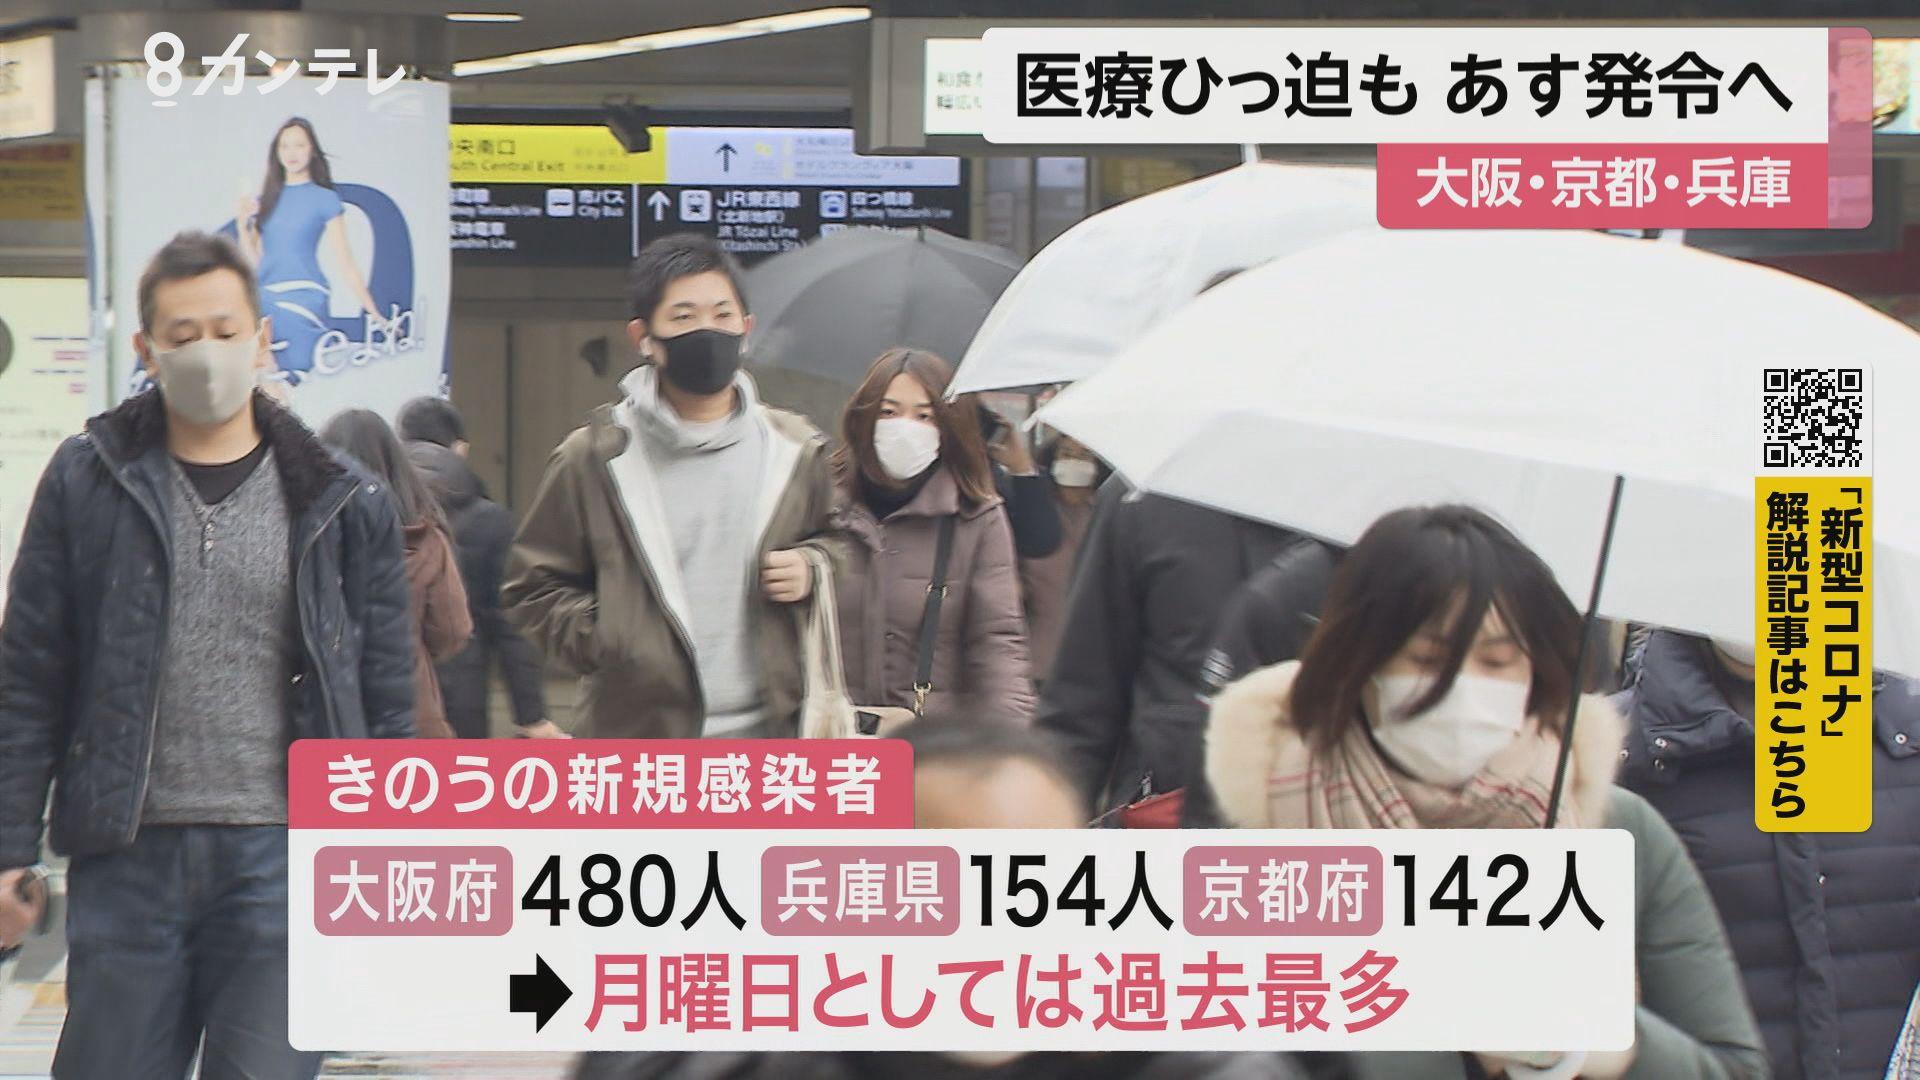 13日にも…関西3府県「緊急事態宣言」へ 大阪の街でも様々な声『経済が滞って死ぬ人もいるし…』